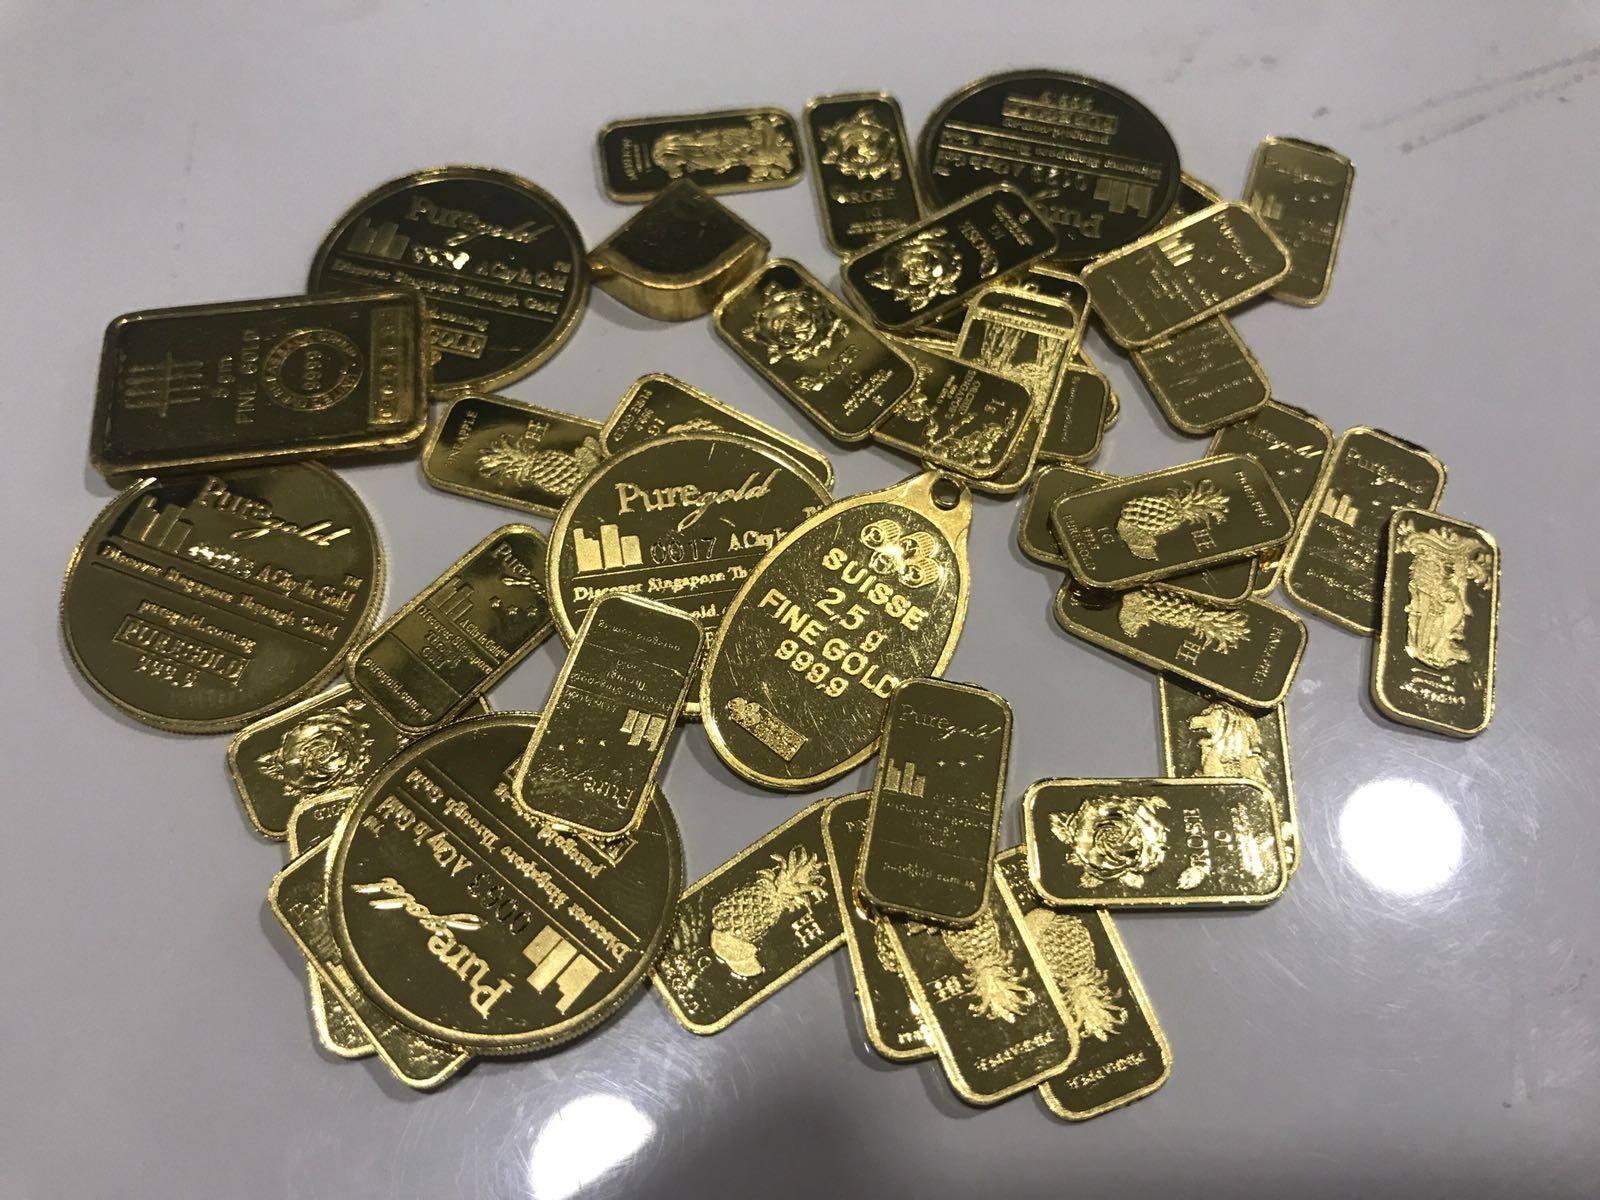 14K Gold or 18K Gold